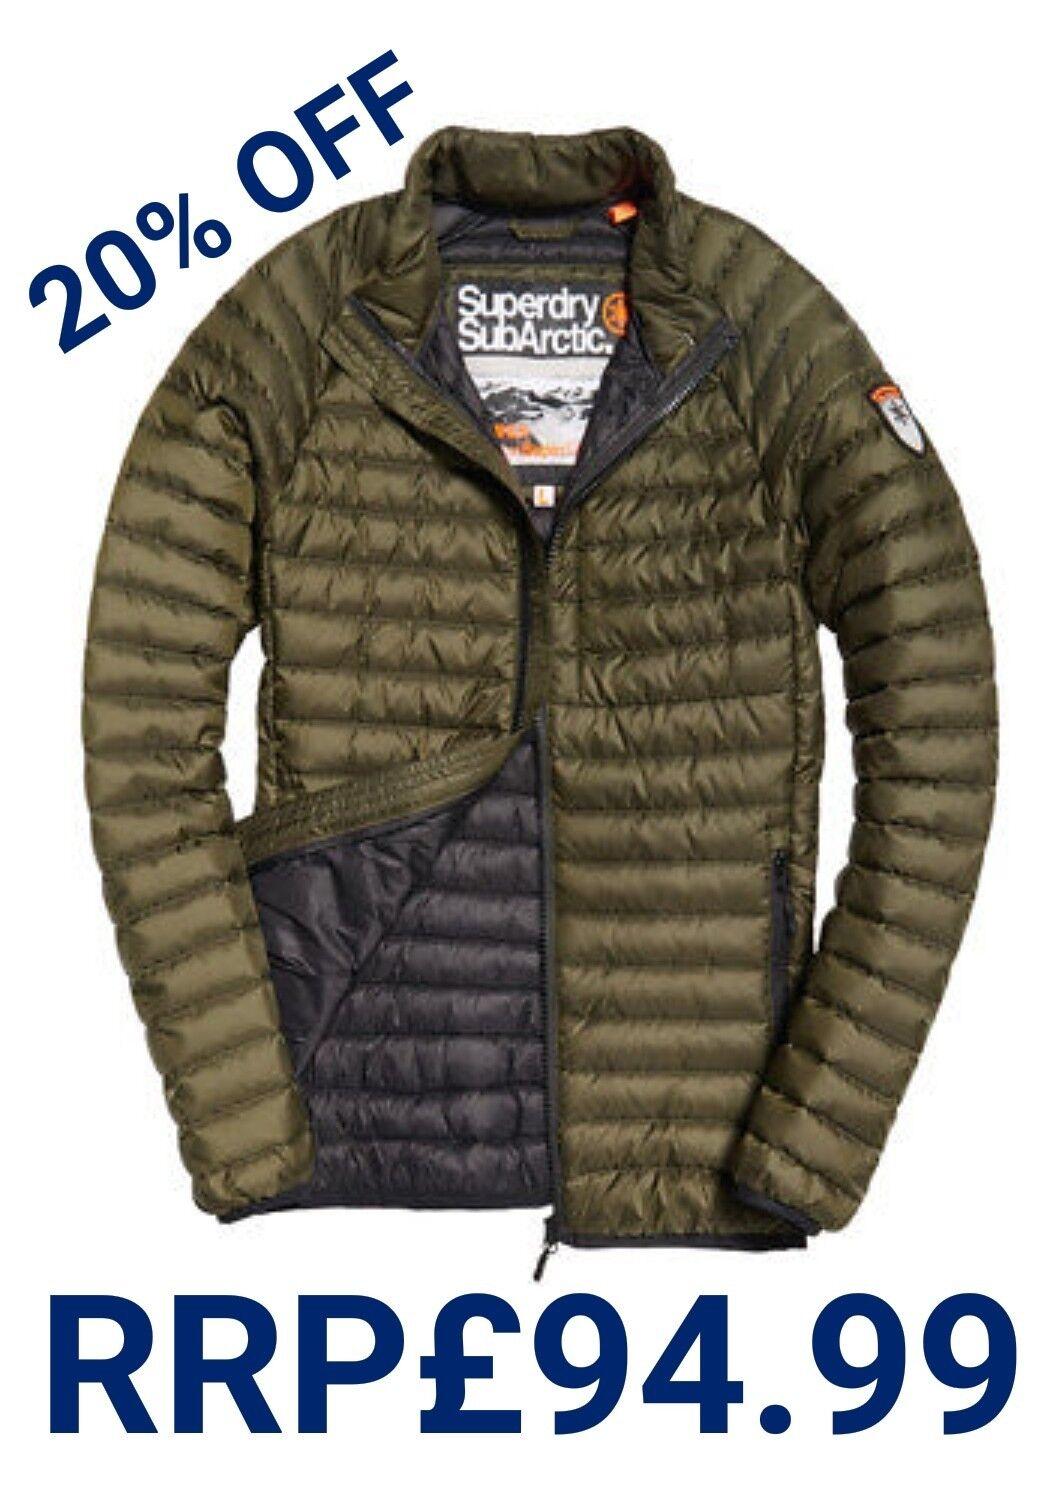 vendita 20% OFF   Nuovo Prezzo Consigliato Superdry .99 3XL Taglia linea uomo Superdry Consigliato Core giacca invernale giù Cappotto 66bd20